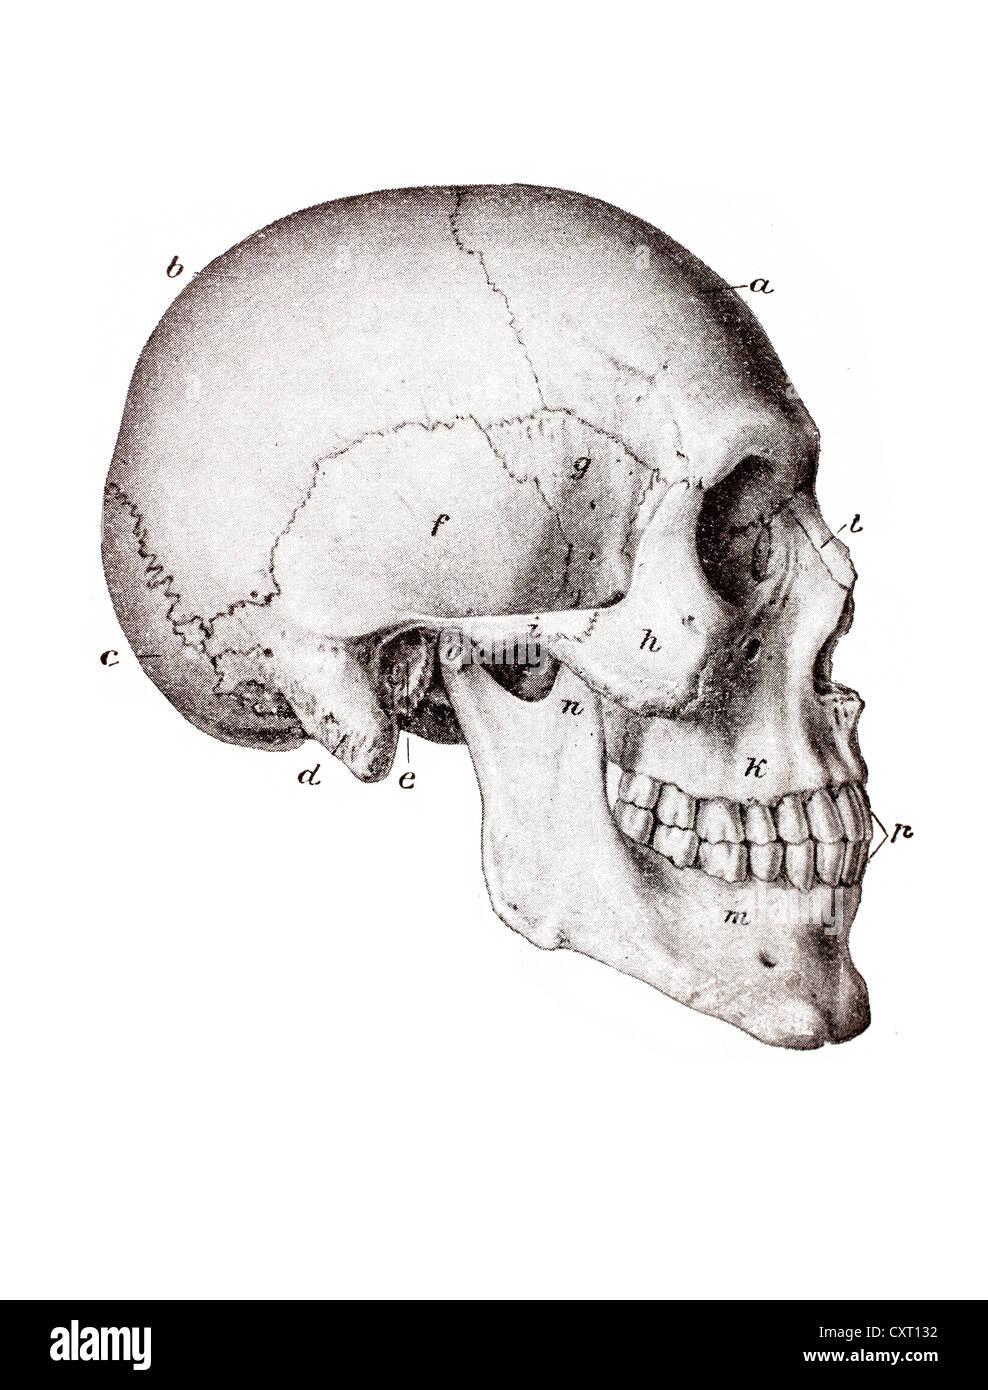 Tolle Anatomie Der Basis Des Schädels Bilder - Anatomie Ideen ...